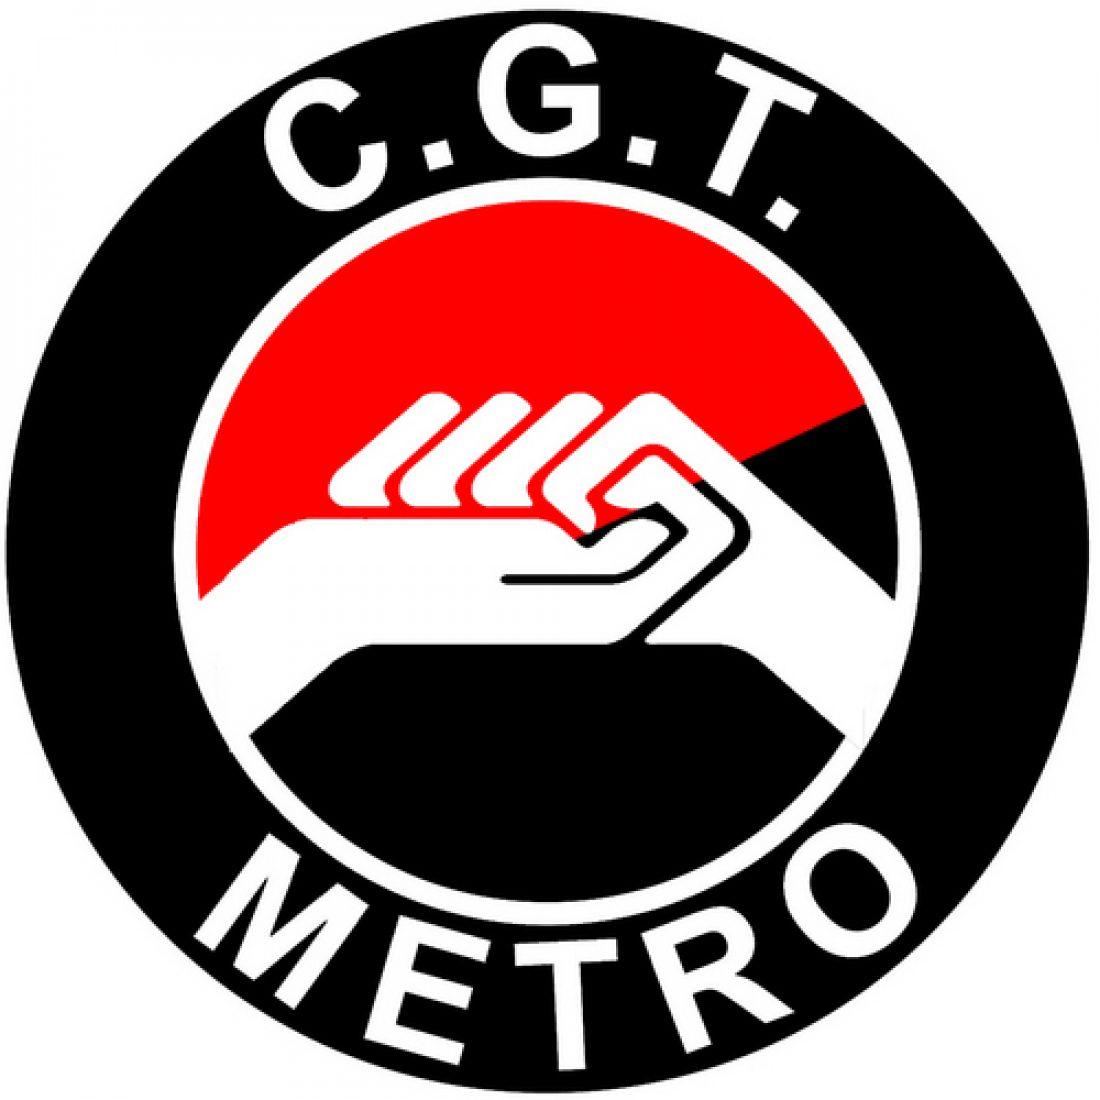 Huelga en el Metro de Barcelona. Lunes 24 de jornada completa y paros parciales el 7 de octubre